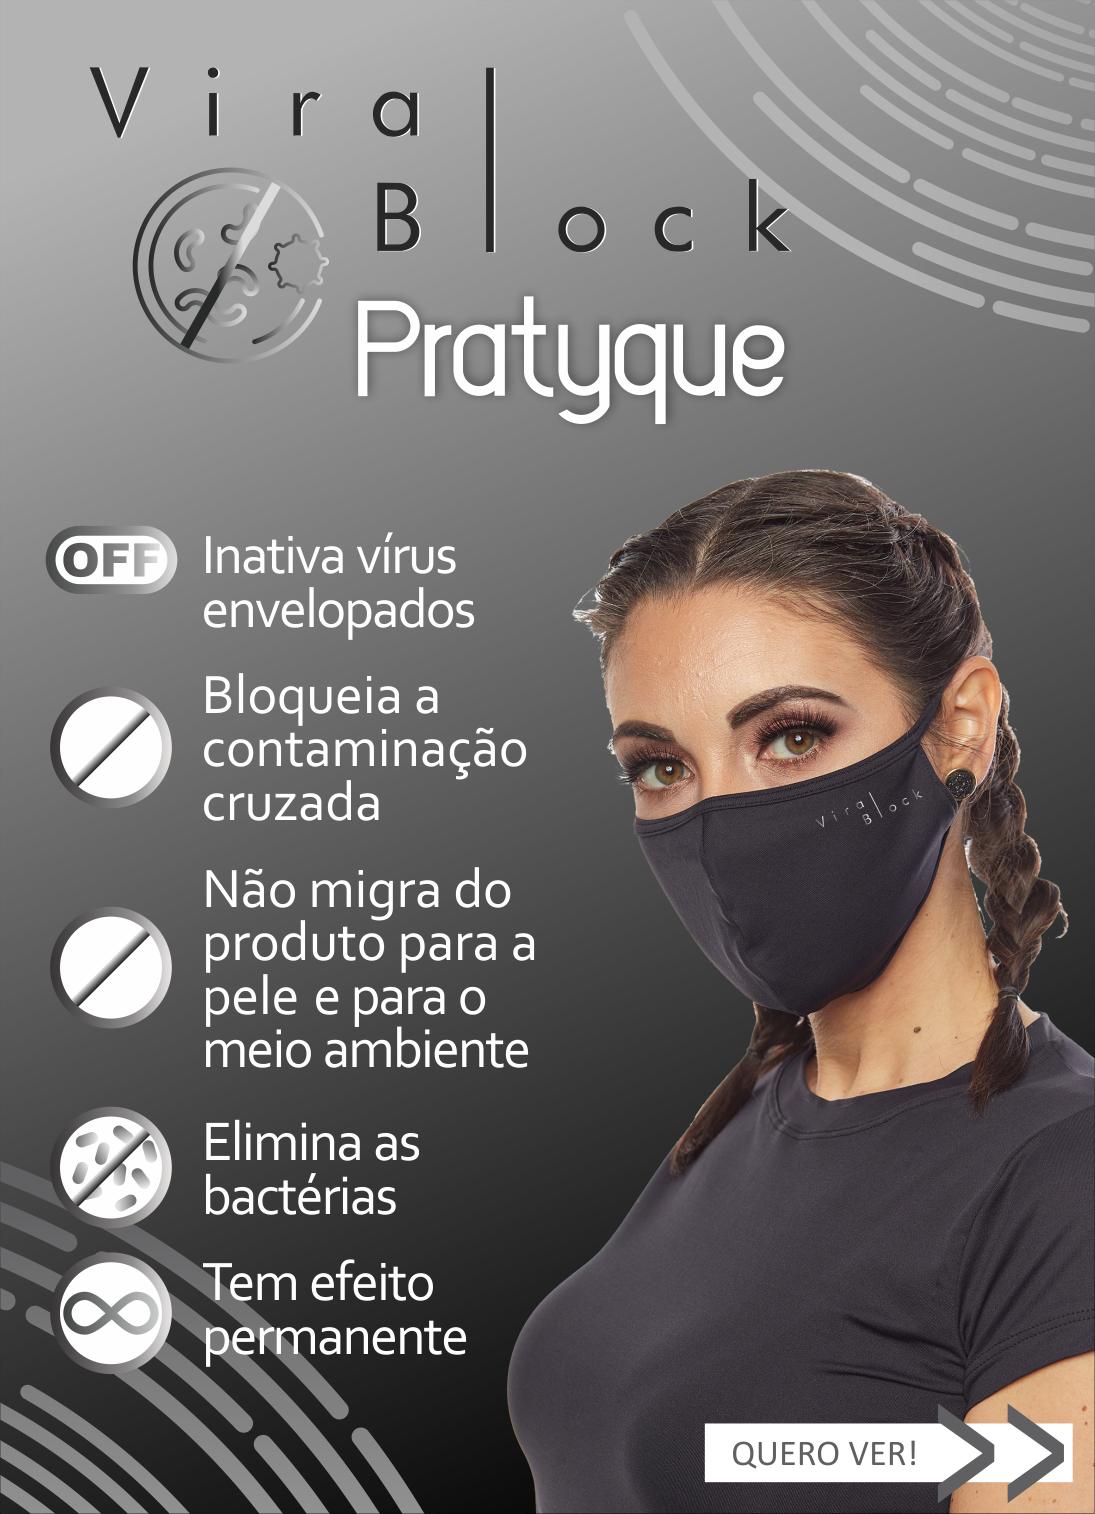 máscaras pratyque